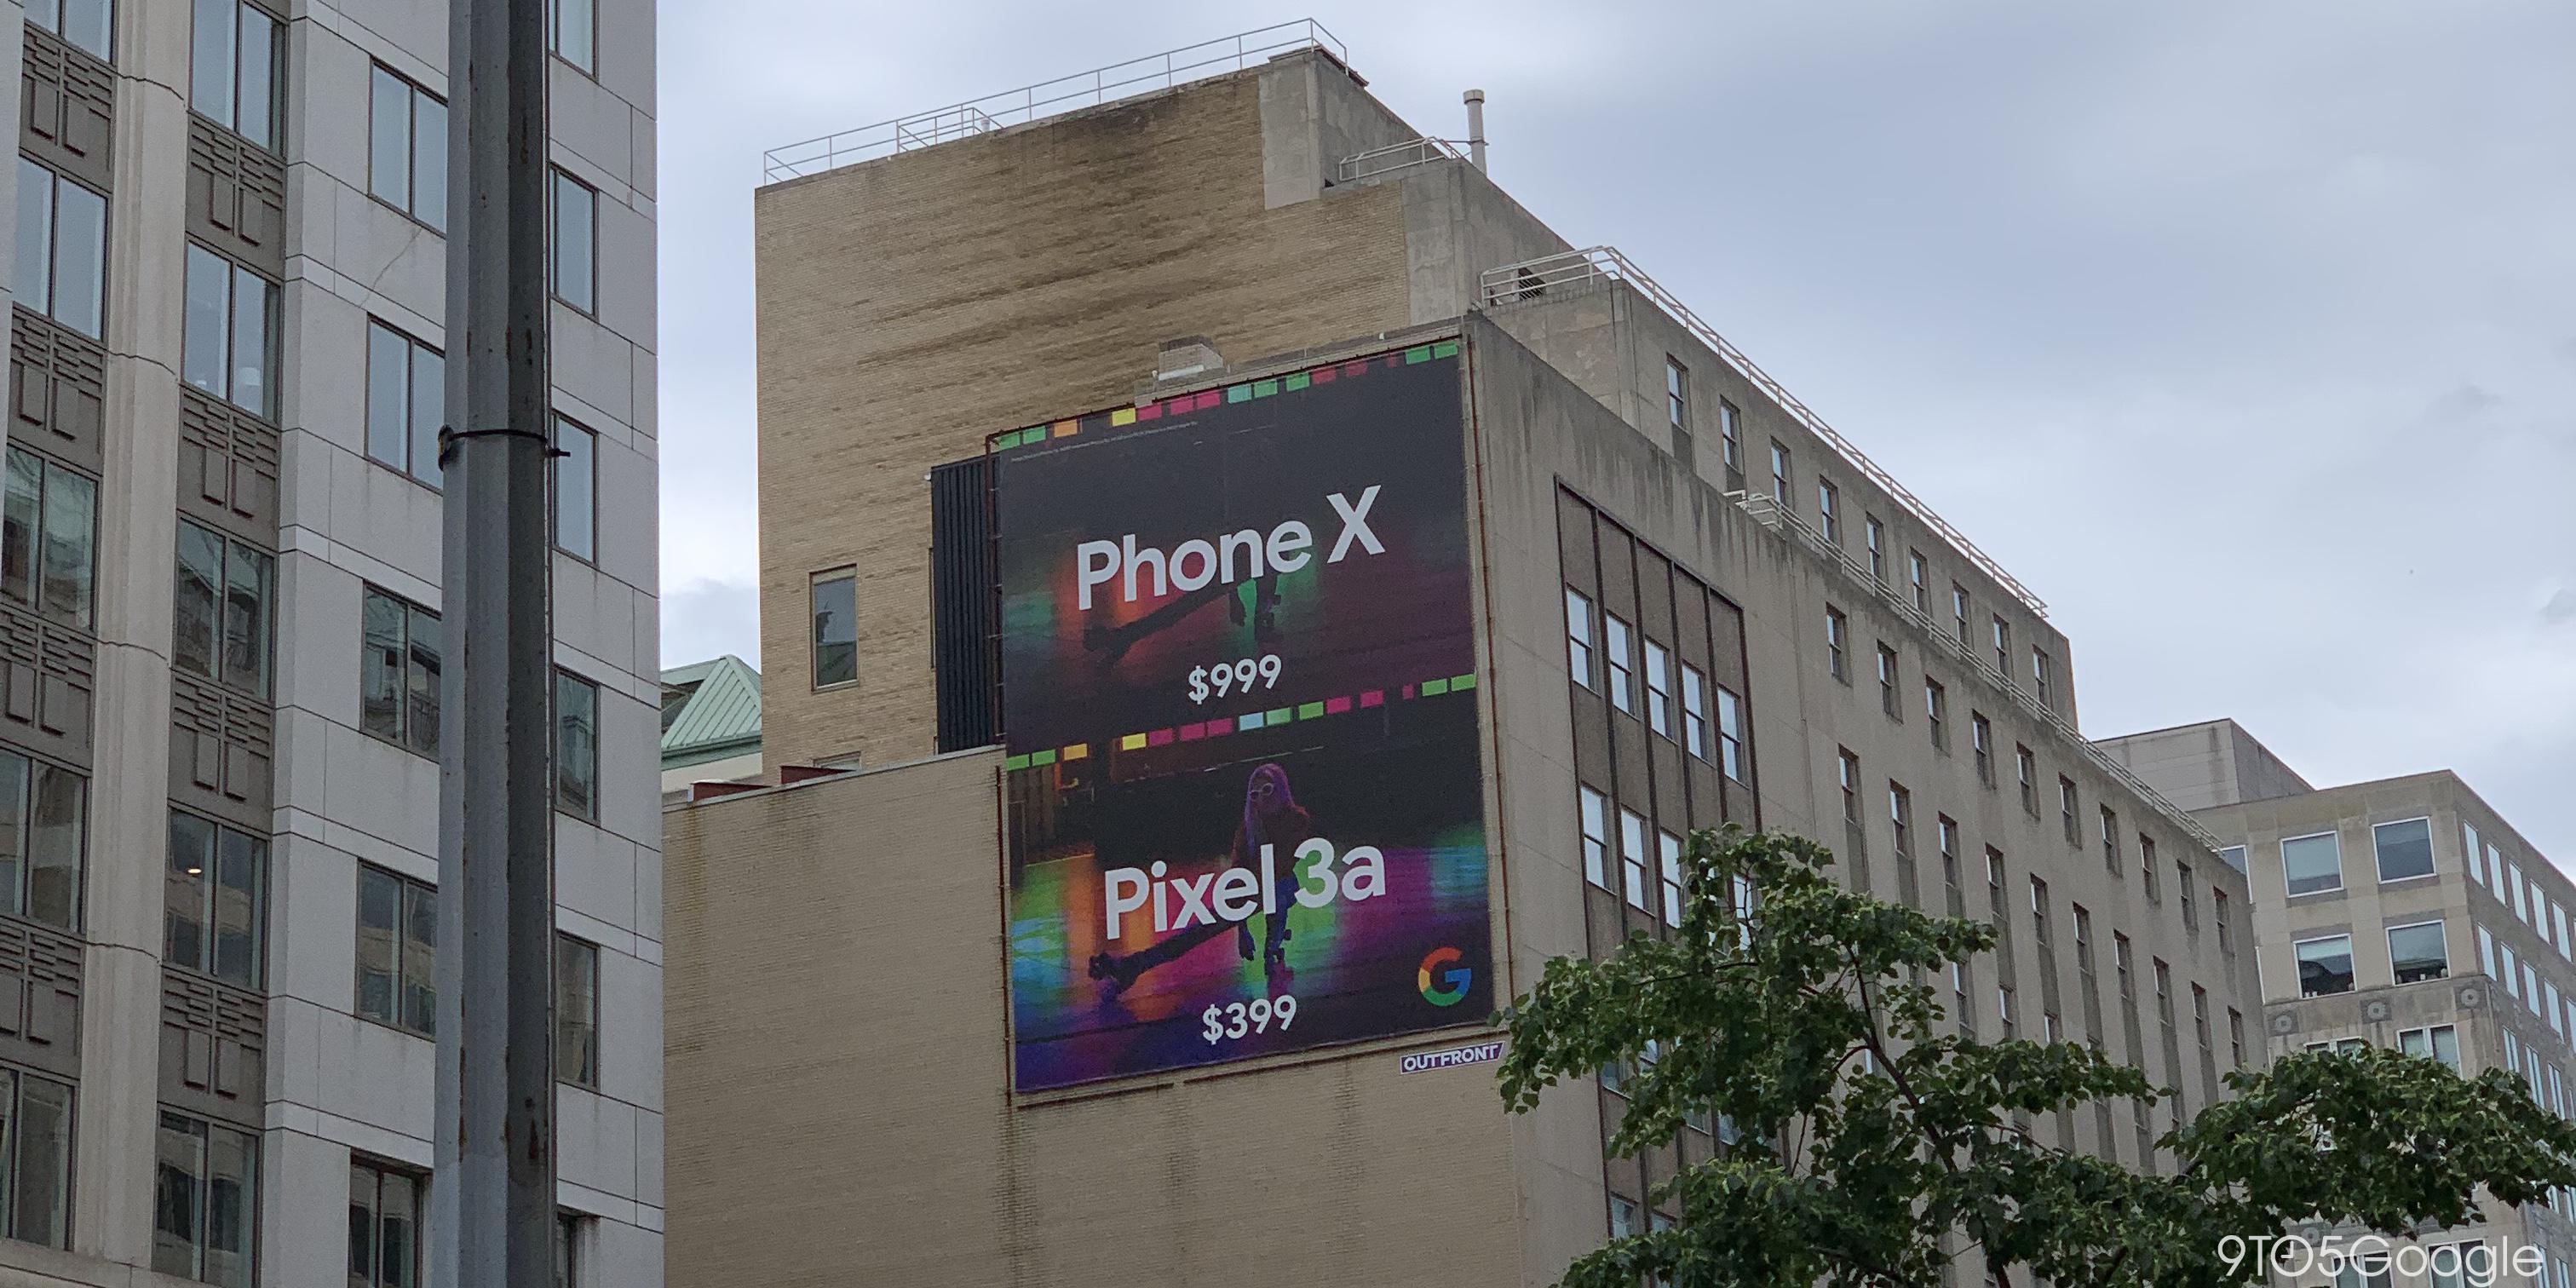 Pixel 3a vs iPhone ad